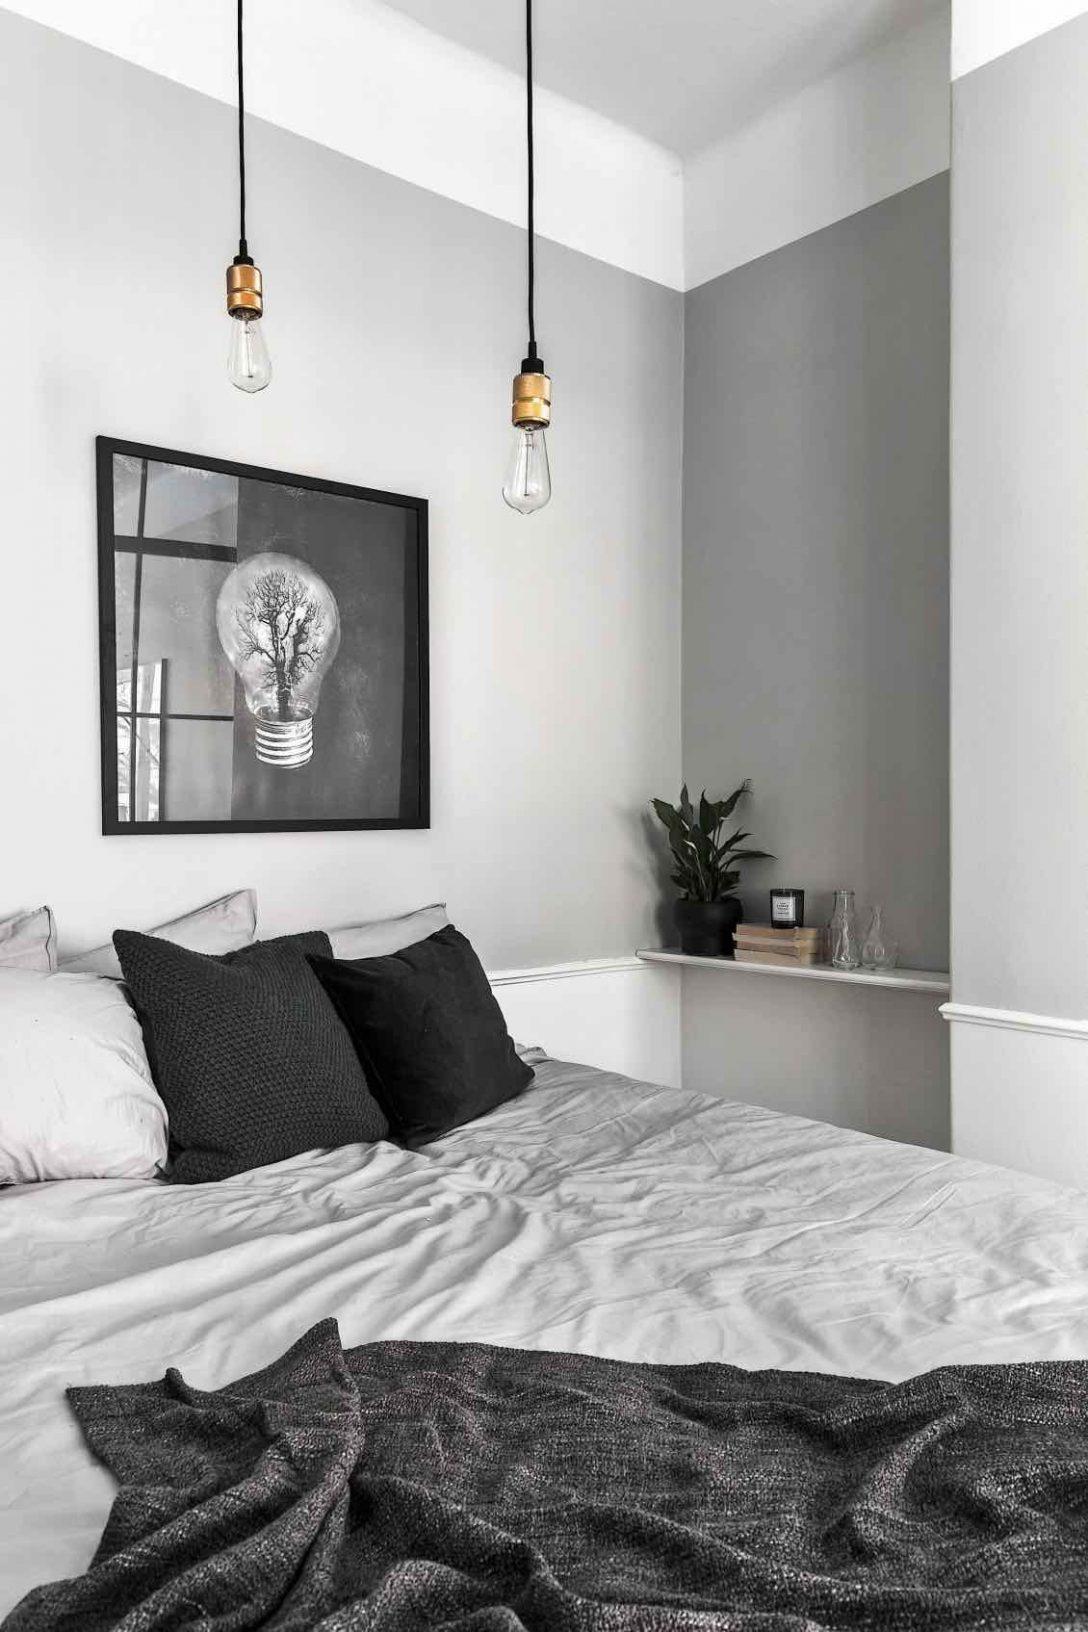 Large Size of Schlafzimmer Lampen Einrichtungsideen Design Komplette Kommode Klimagerät Für Stehlampe Günstig Komplettes Komplett Mit Lattenrost Und Matratze Deckenlampen Schlafzimmer Lampen Schlafzimmer